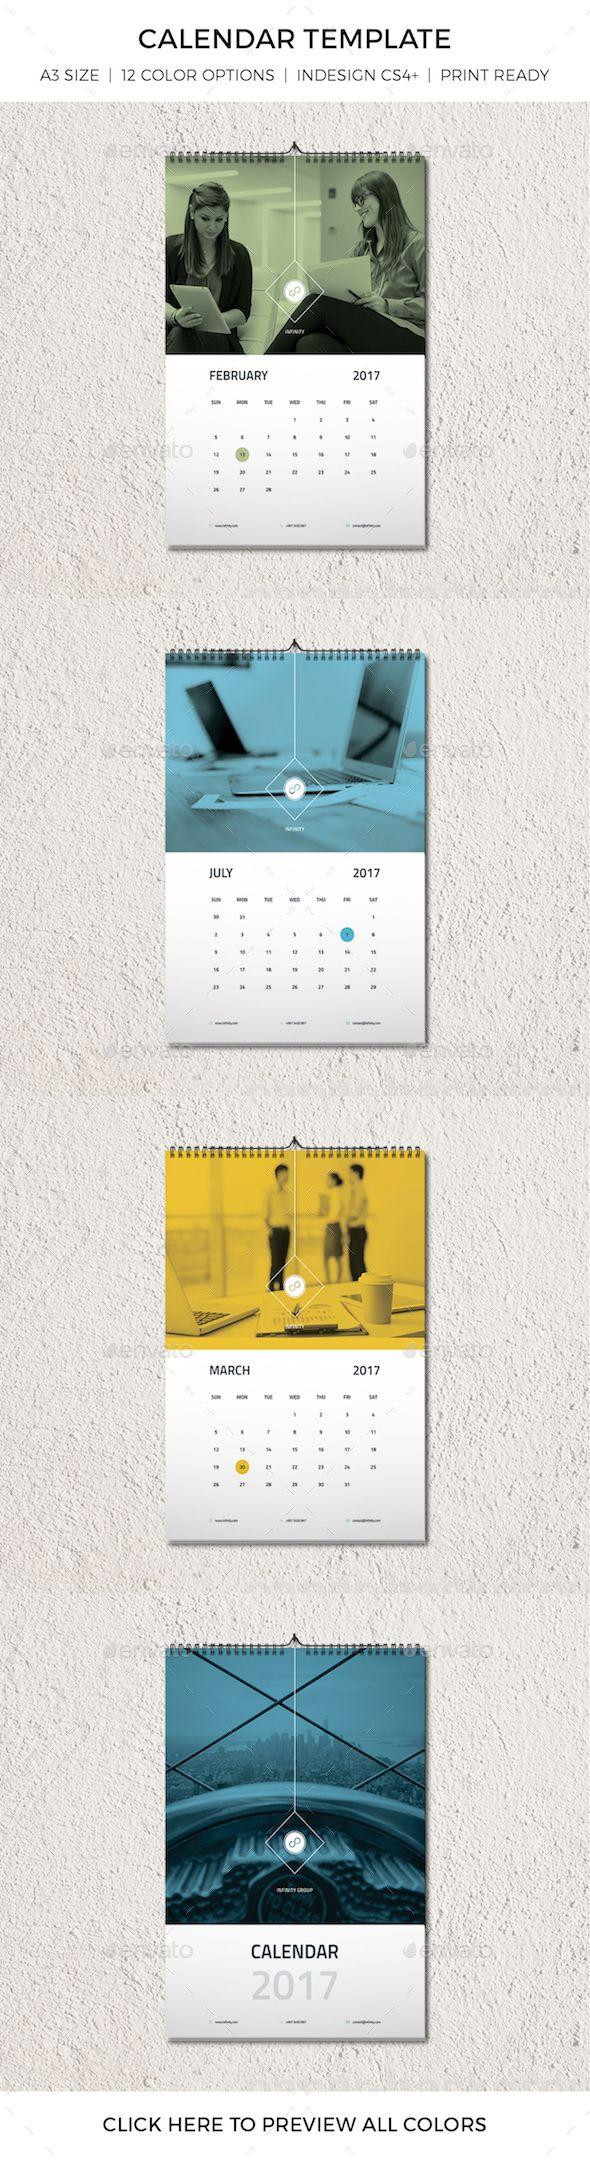 Modern Minimal Calendar Template | Pinterest